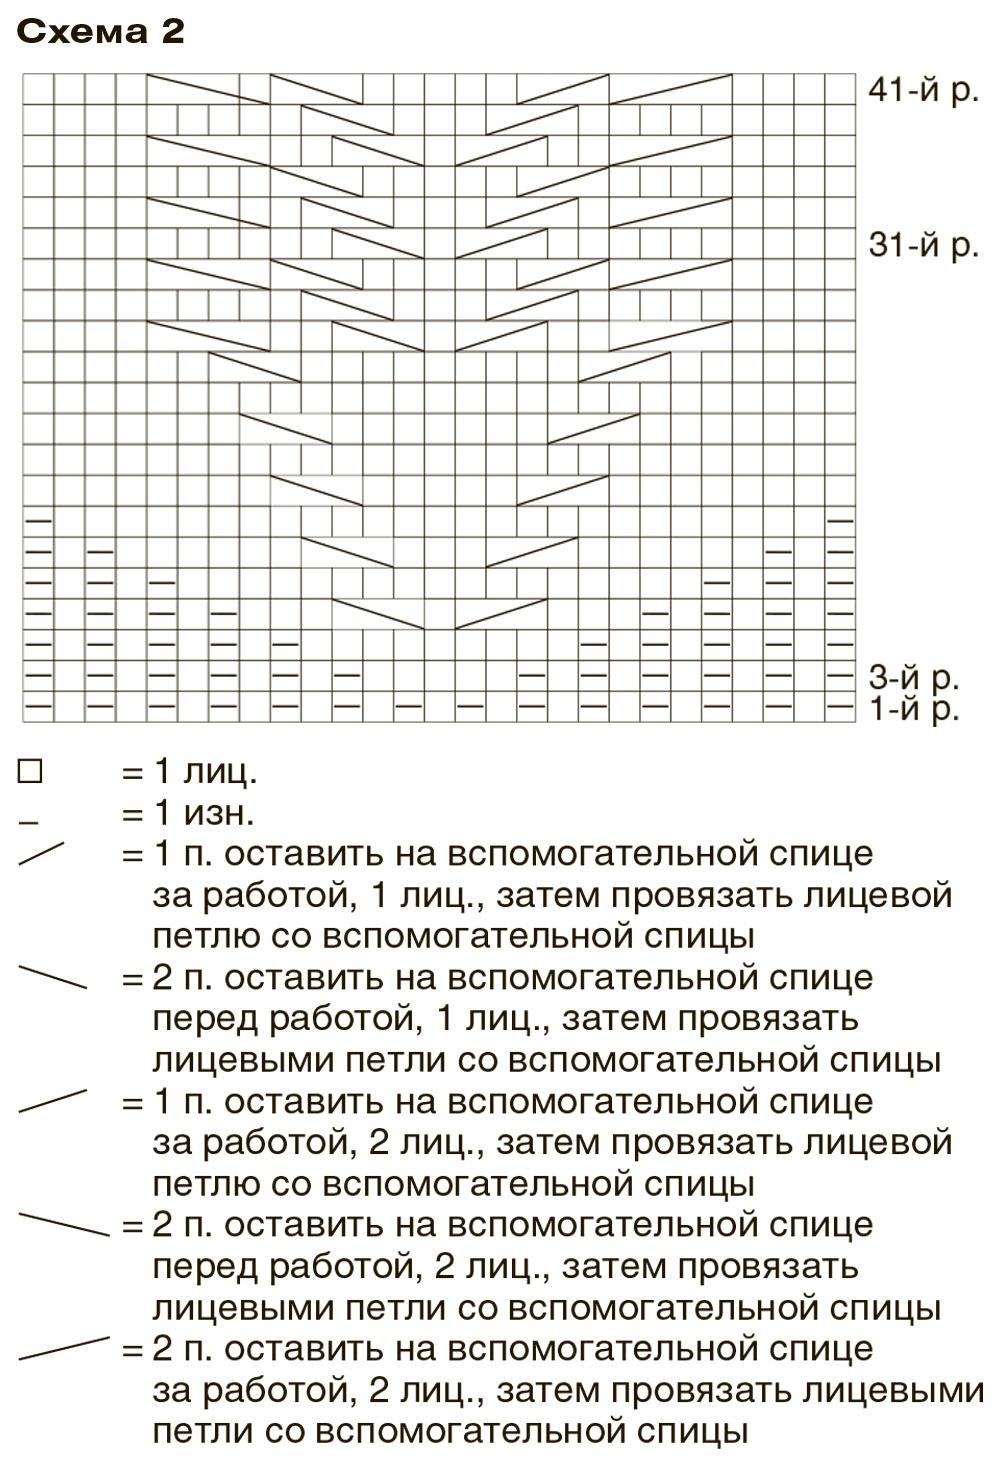 Платья спицами. Схема и описание вязания платья